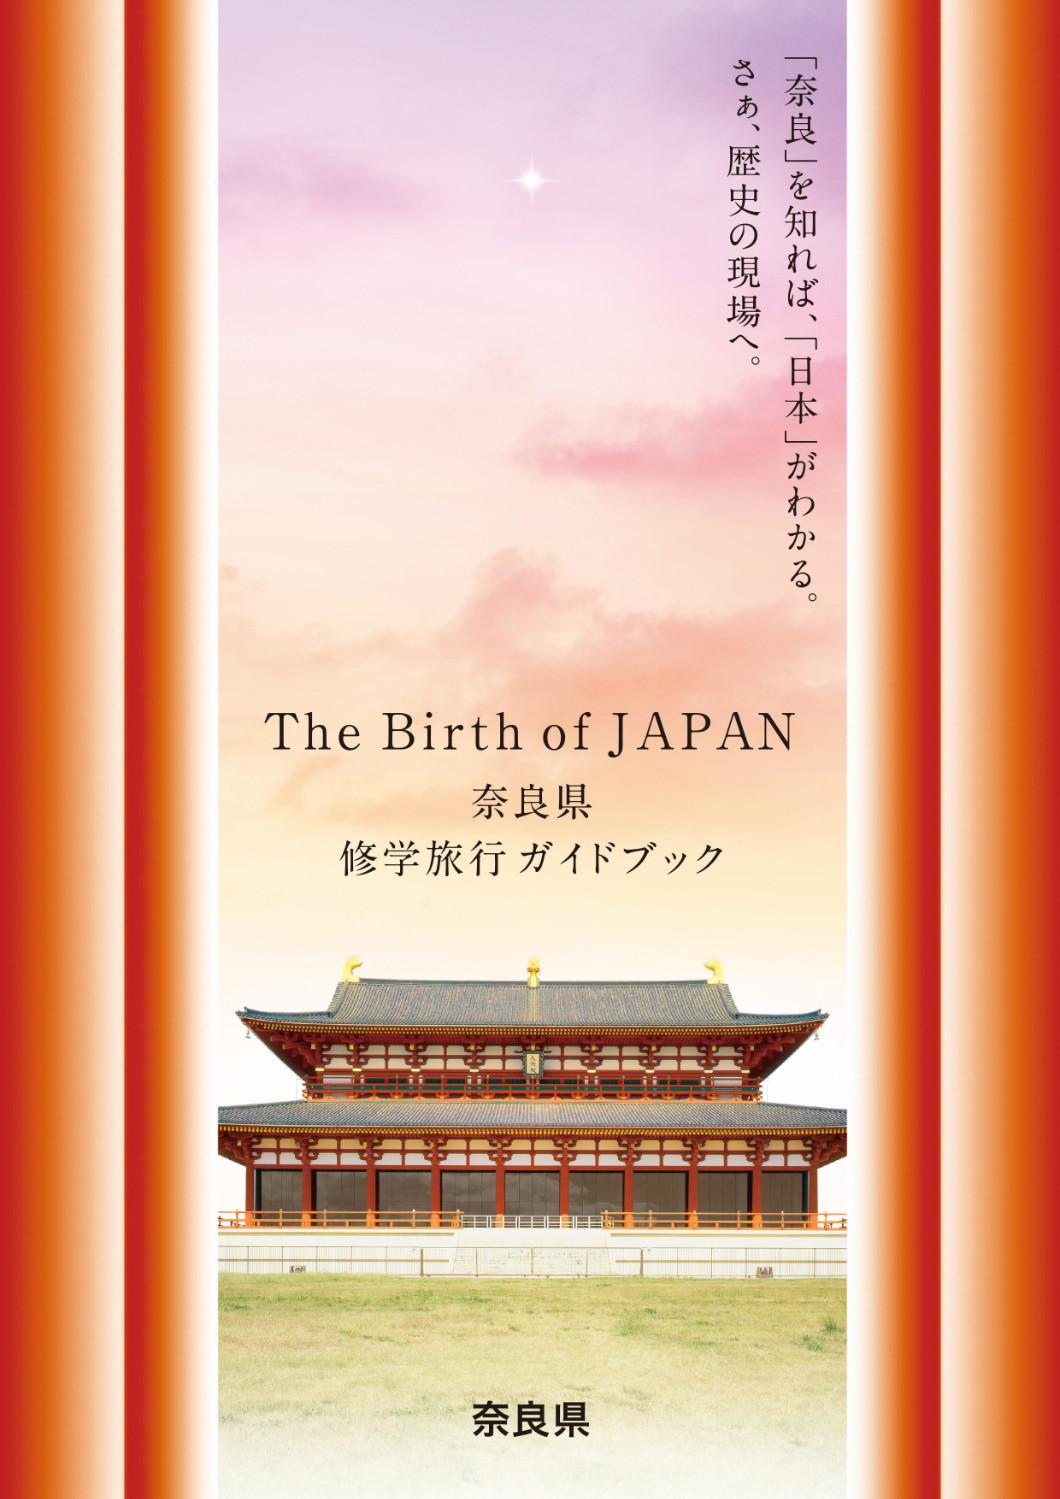 奈良県修学旅行ガイドブック